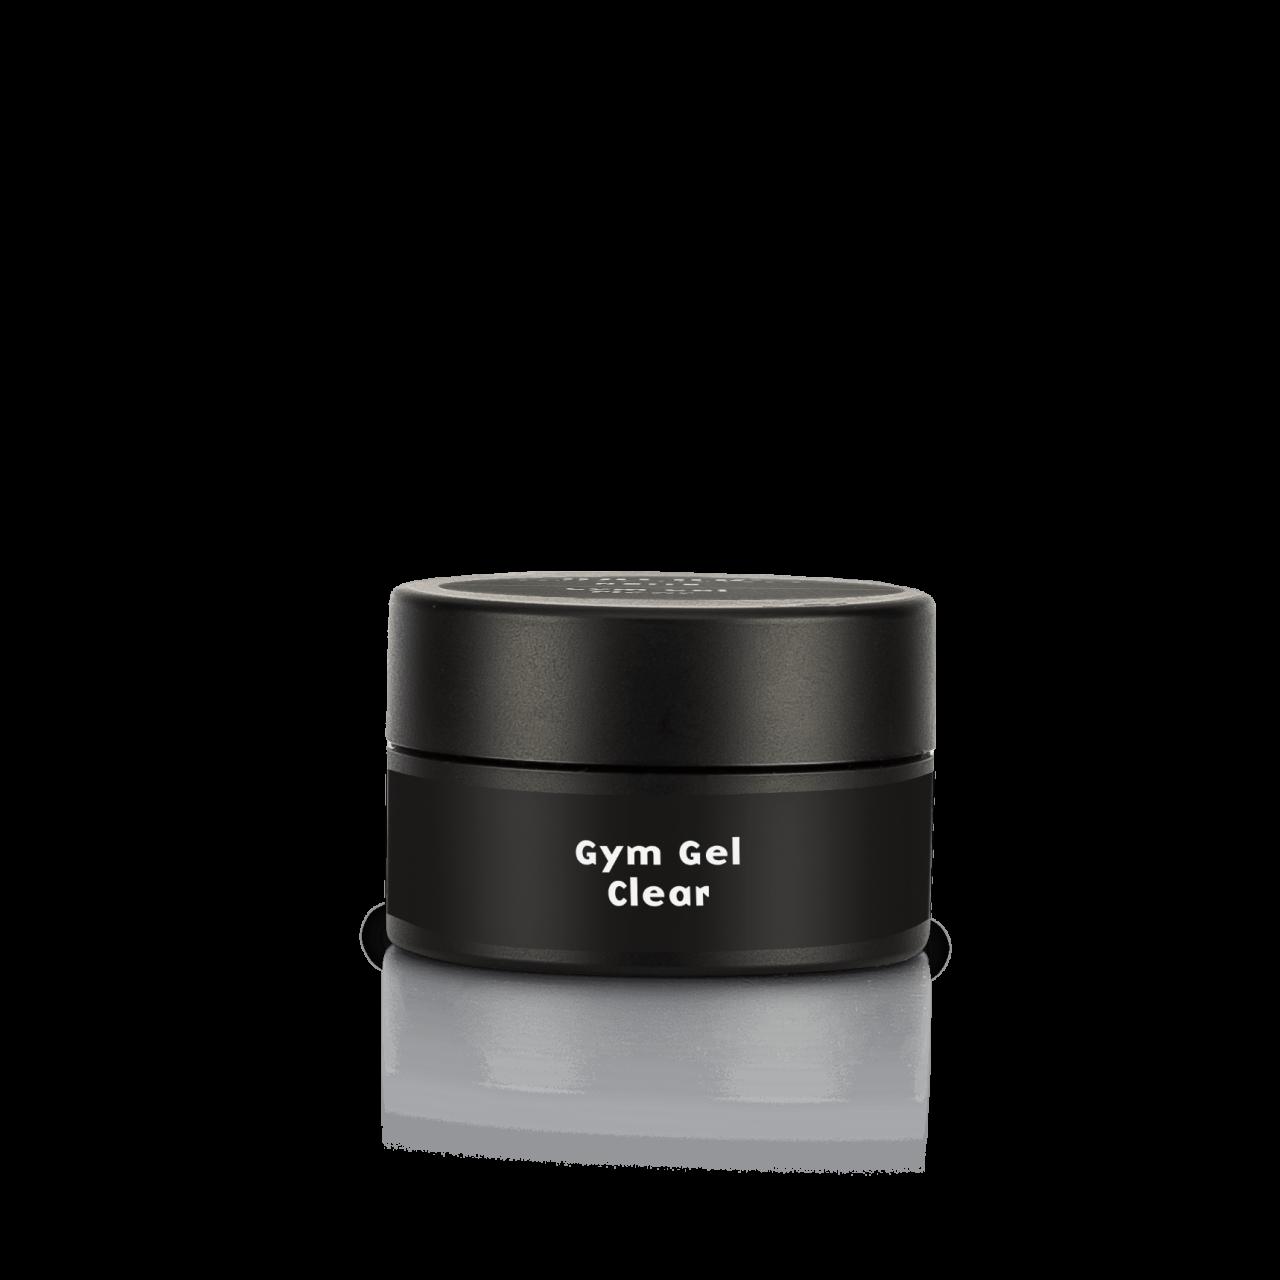 Gym Gel Clear 15 ml